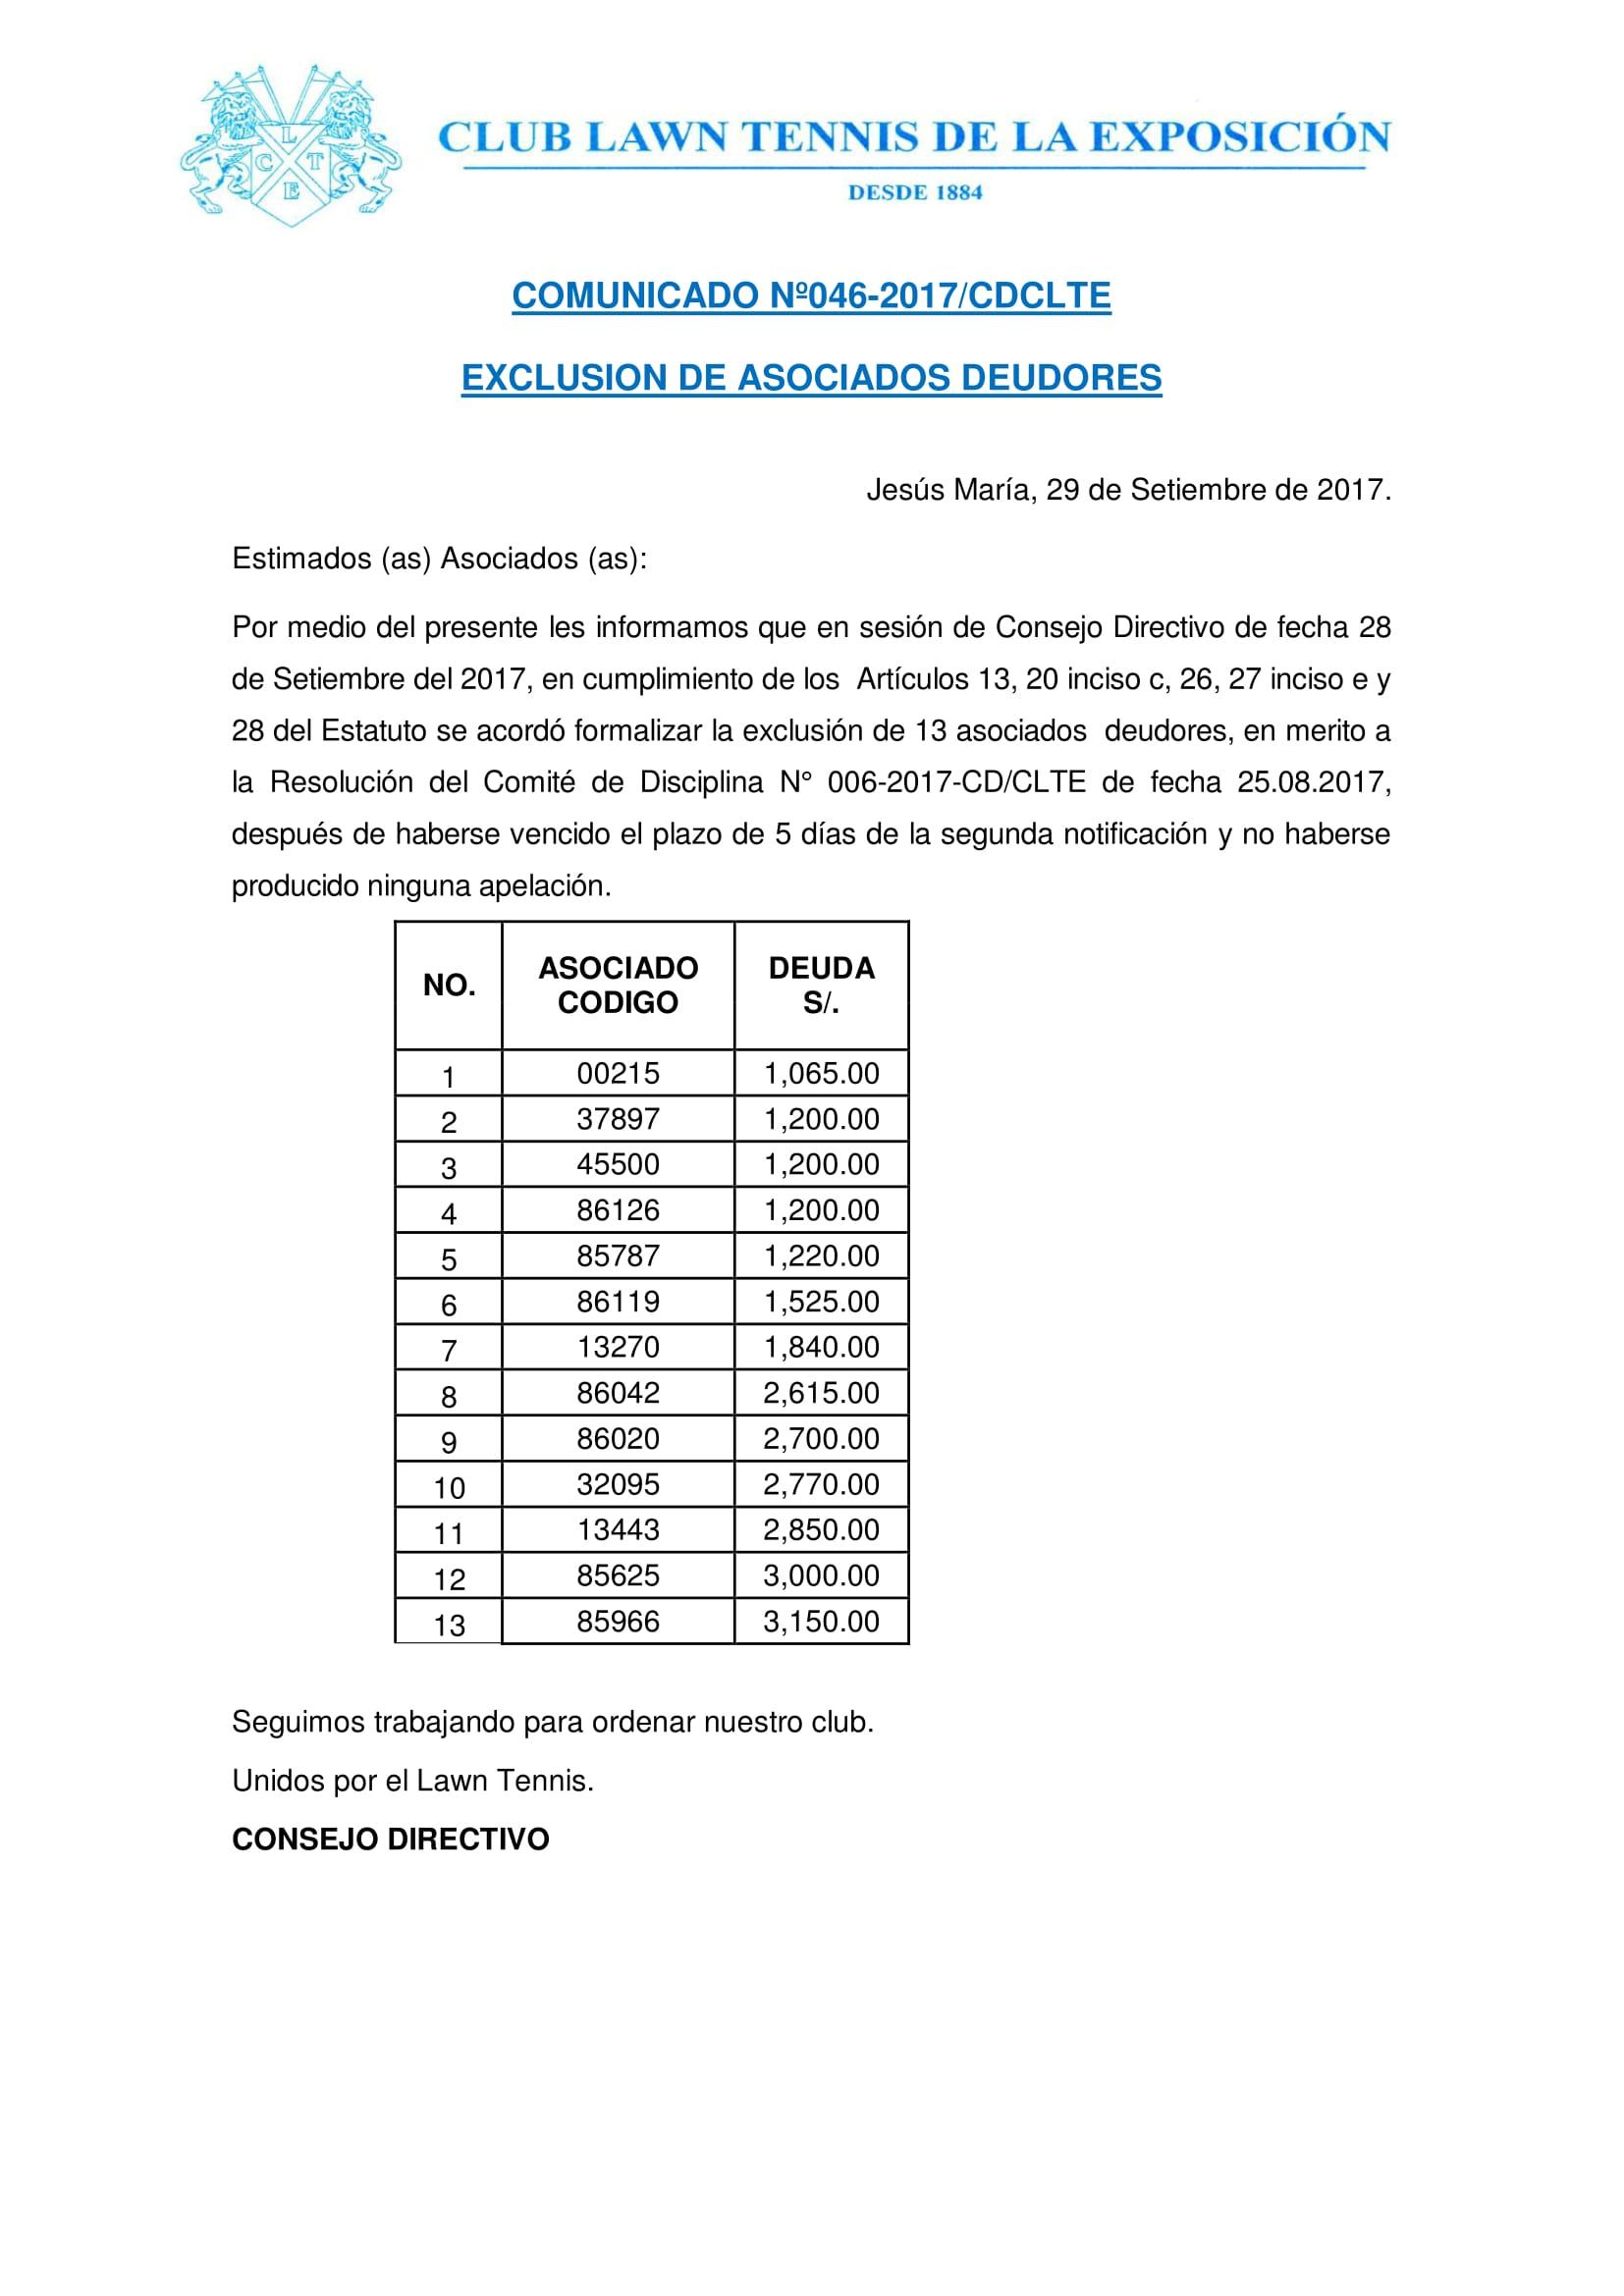 Comunicado 046 - EXCLUSION ASOCIADOS